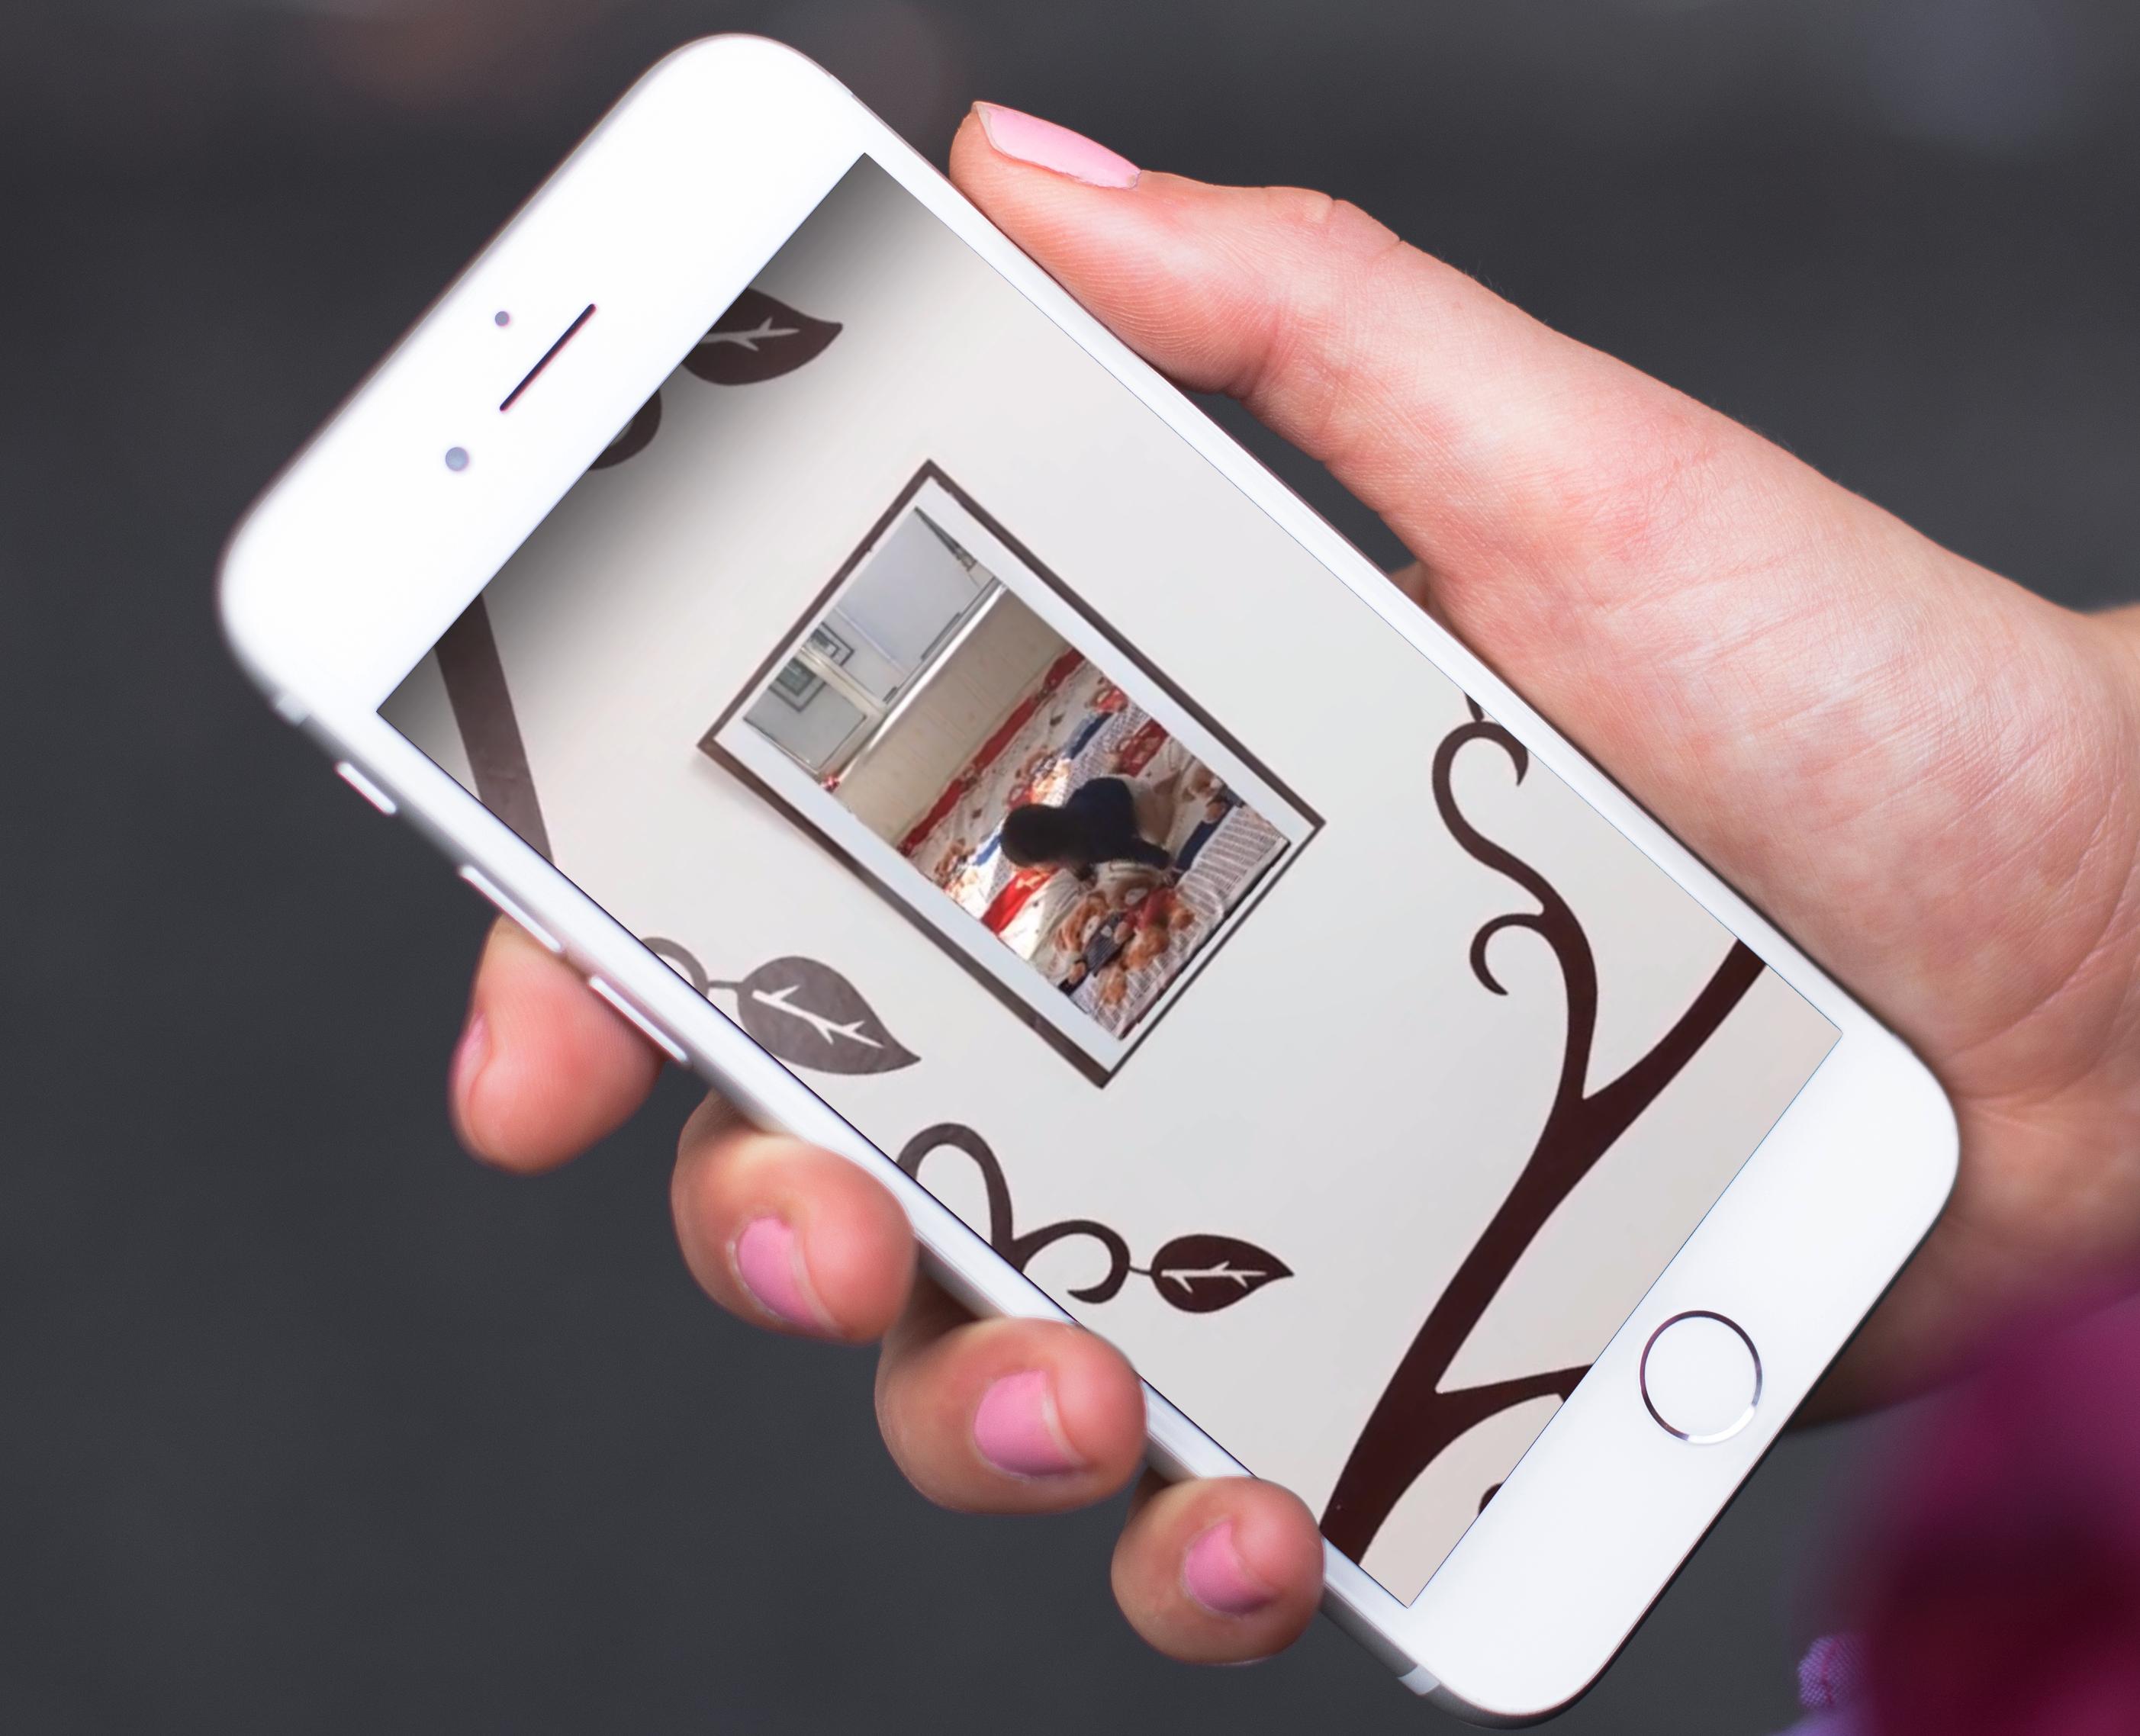 Miise à jour gagnants - Magic Photos AR : Les photos prennent vie façon Harry Potter, en Réalité Augmentée (3 licences a gagner) 1